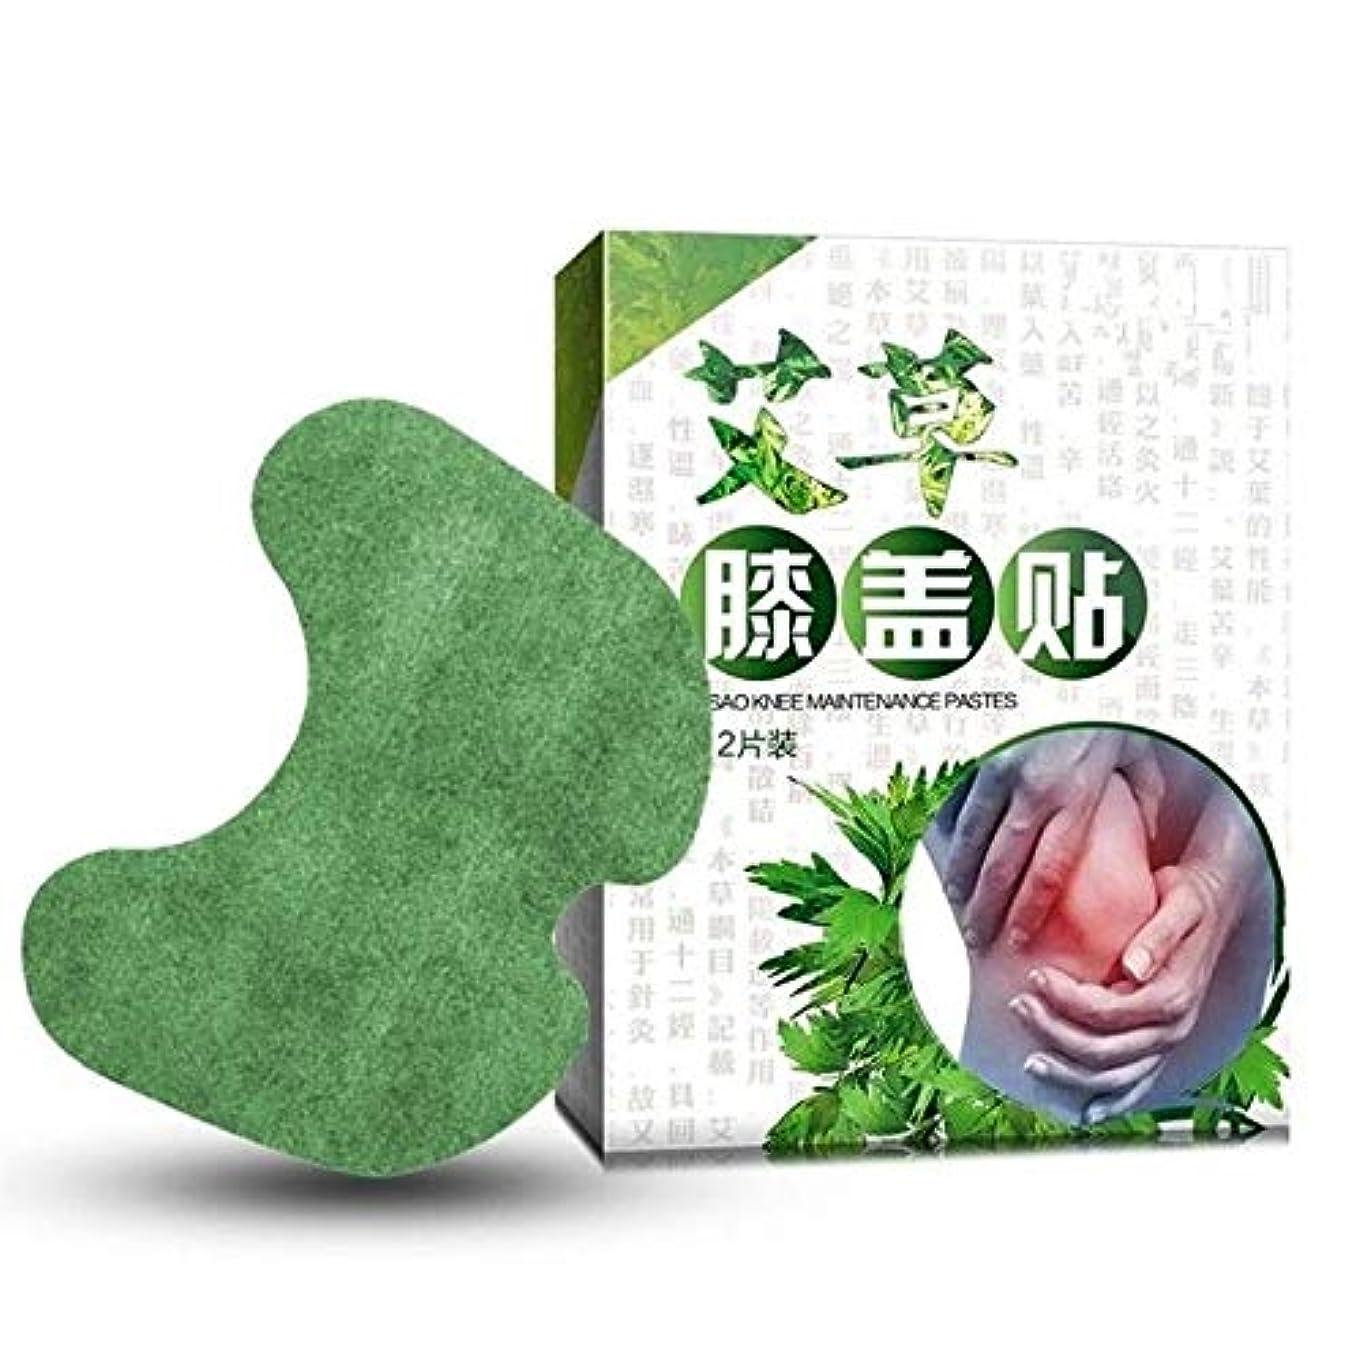 軌道契約した火星痛み緩和パッチ - 天然ハーブパッド膝関節痛緩和、古代中国のハーブ療法、12個